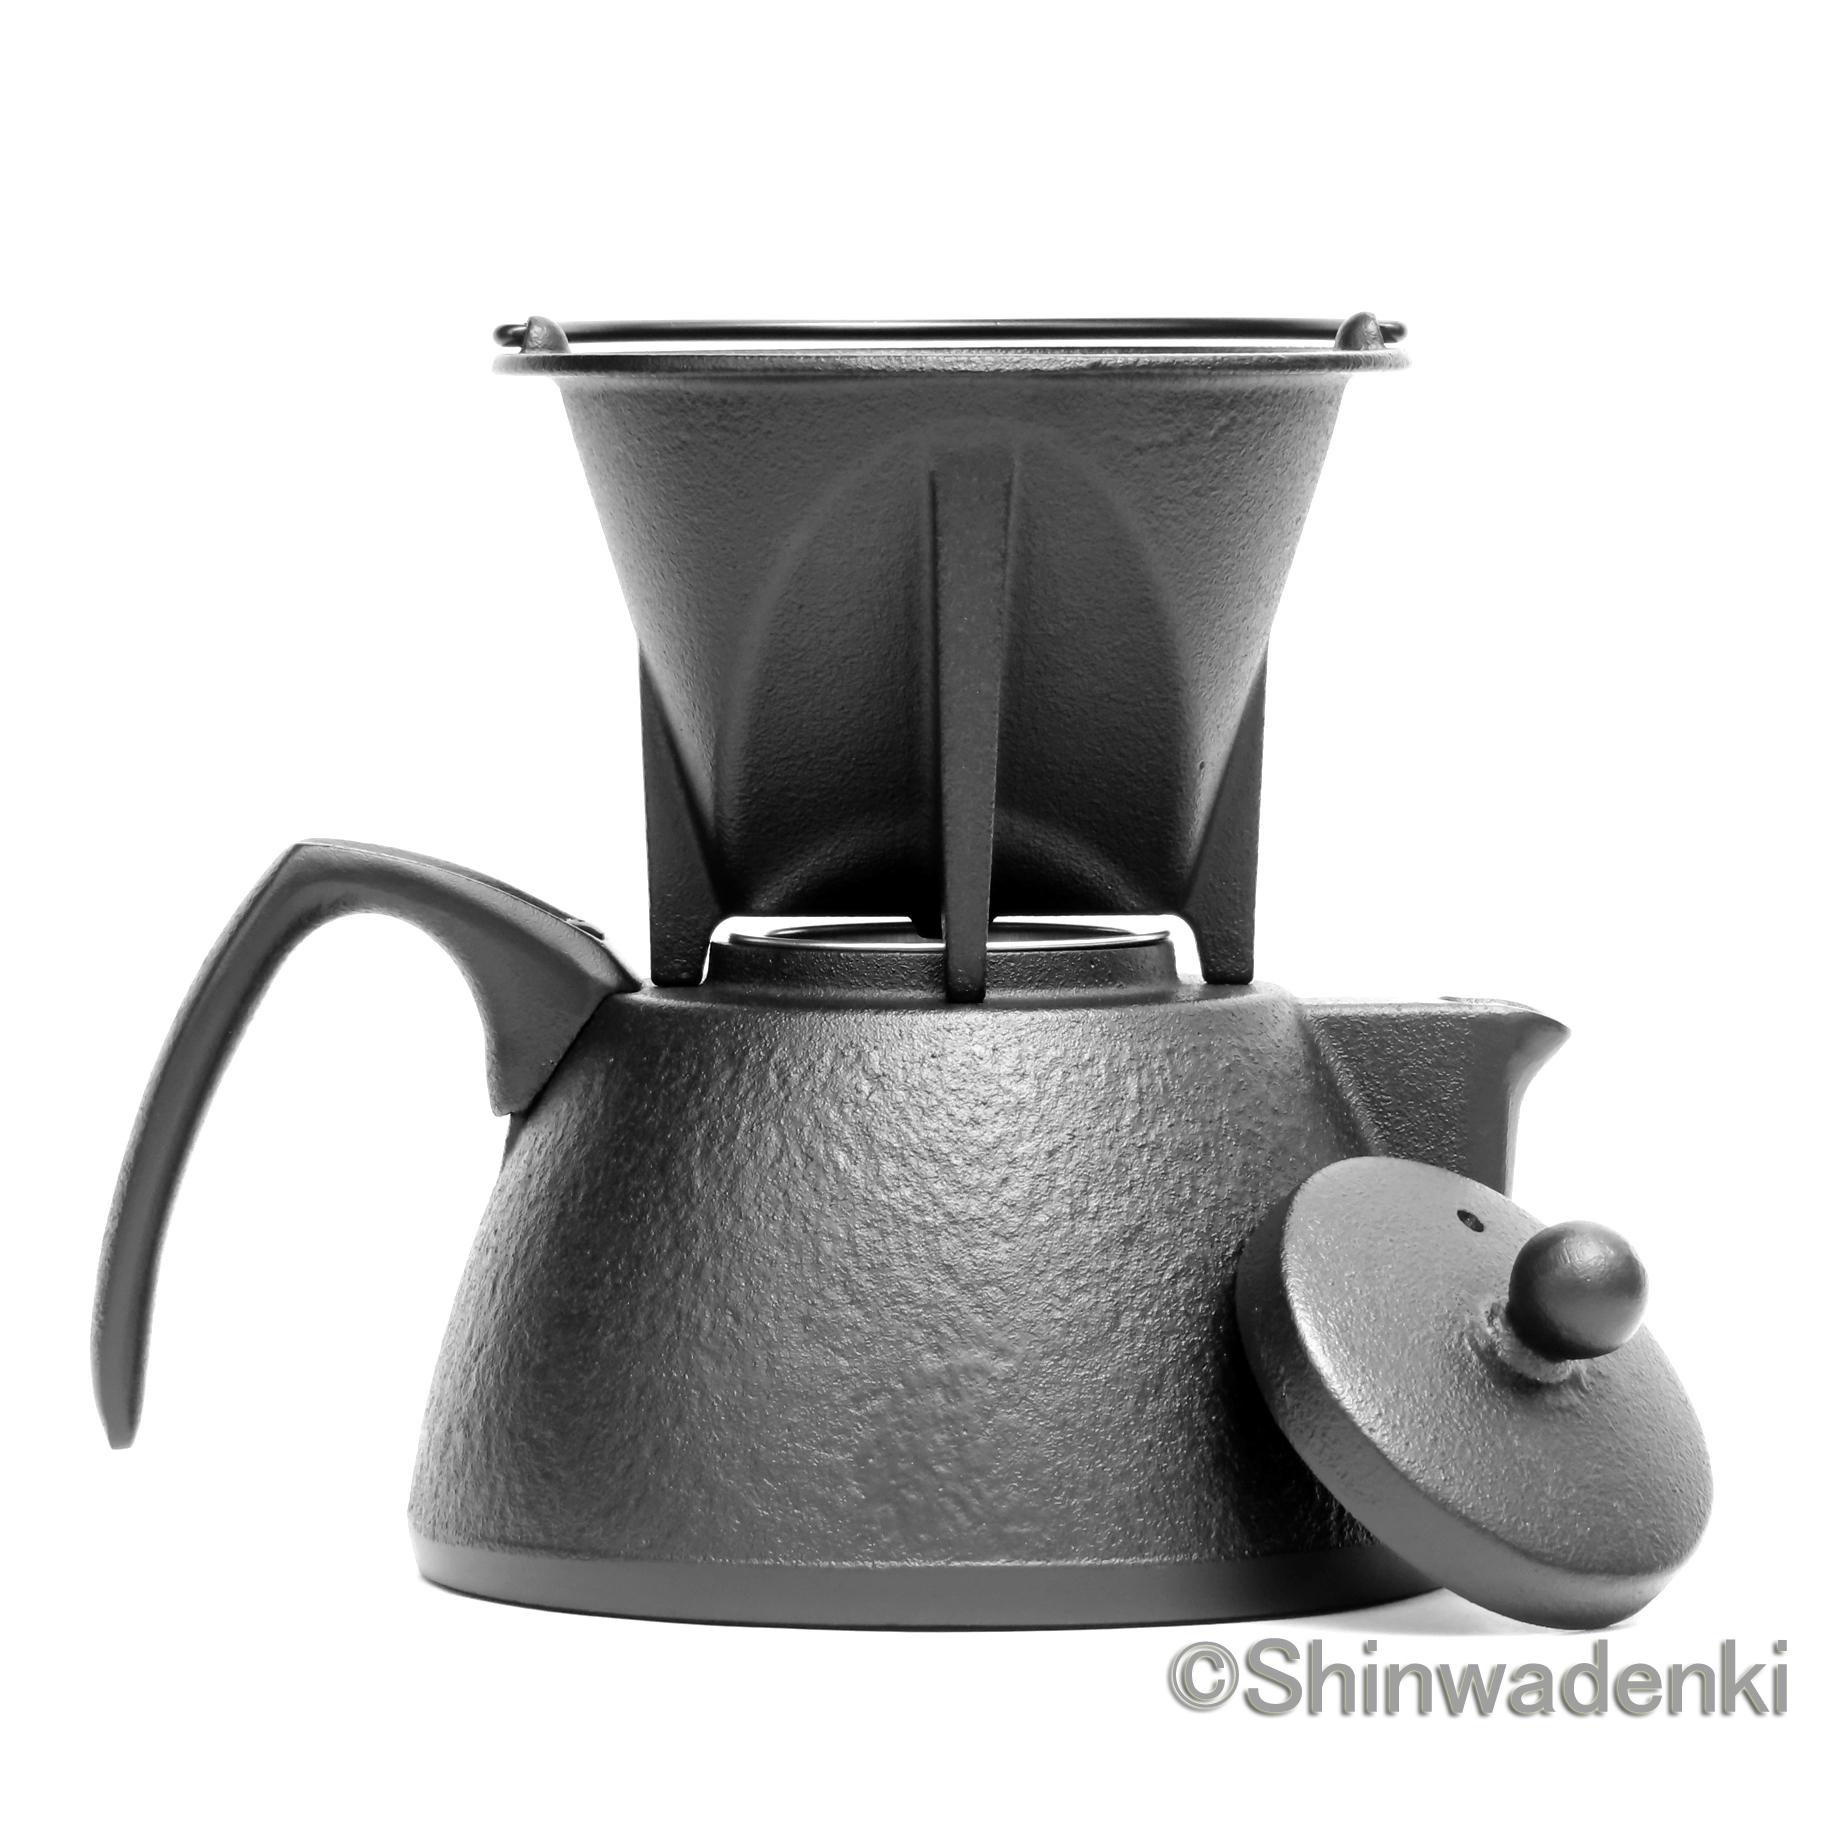 南部鉄器 コーヒーポットセット